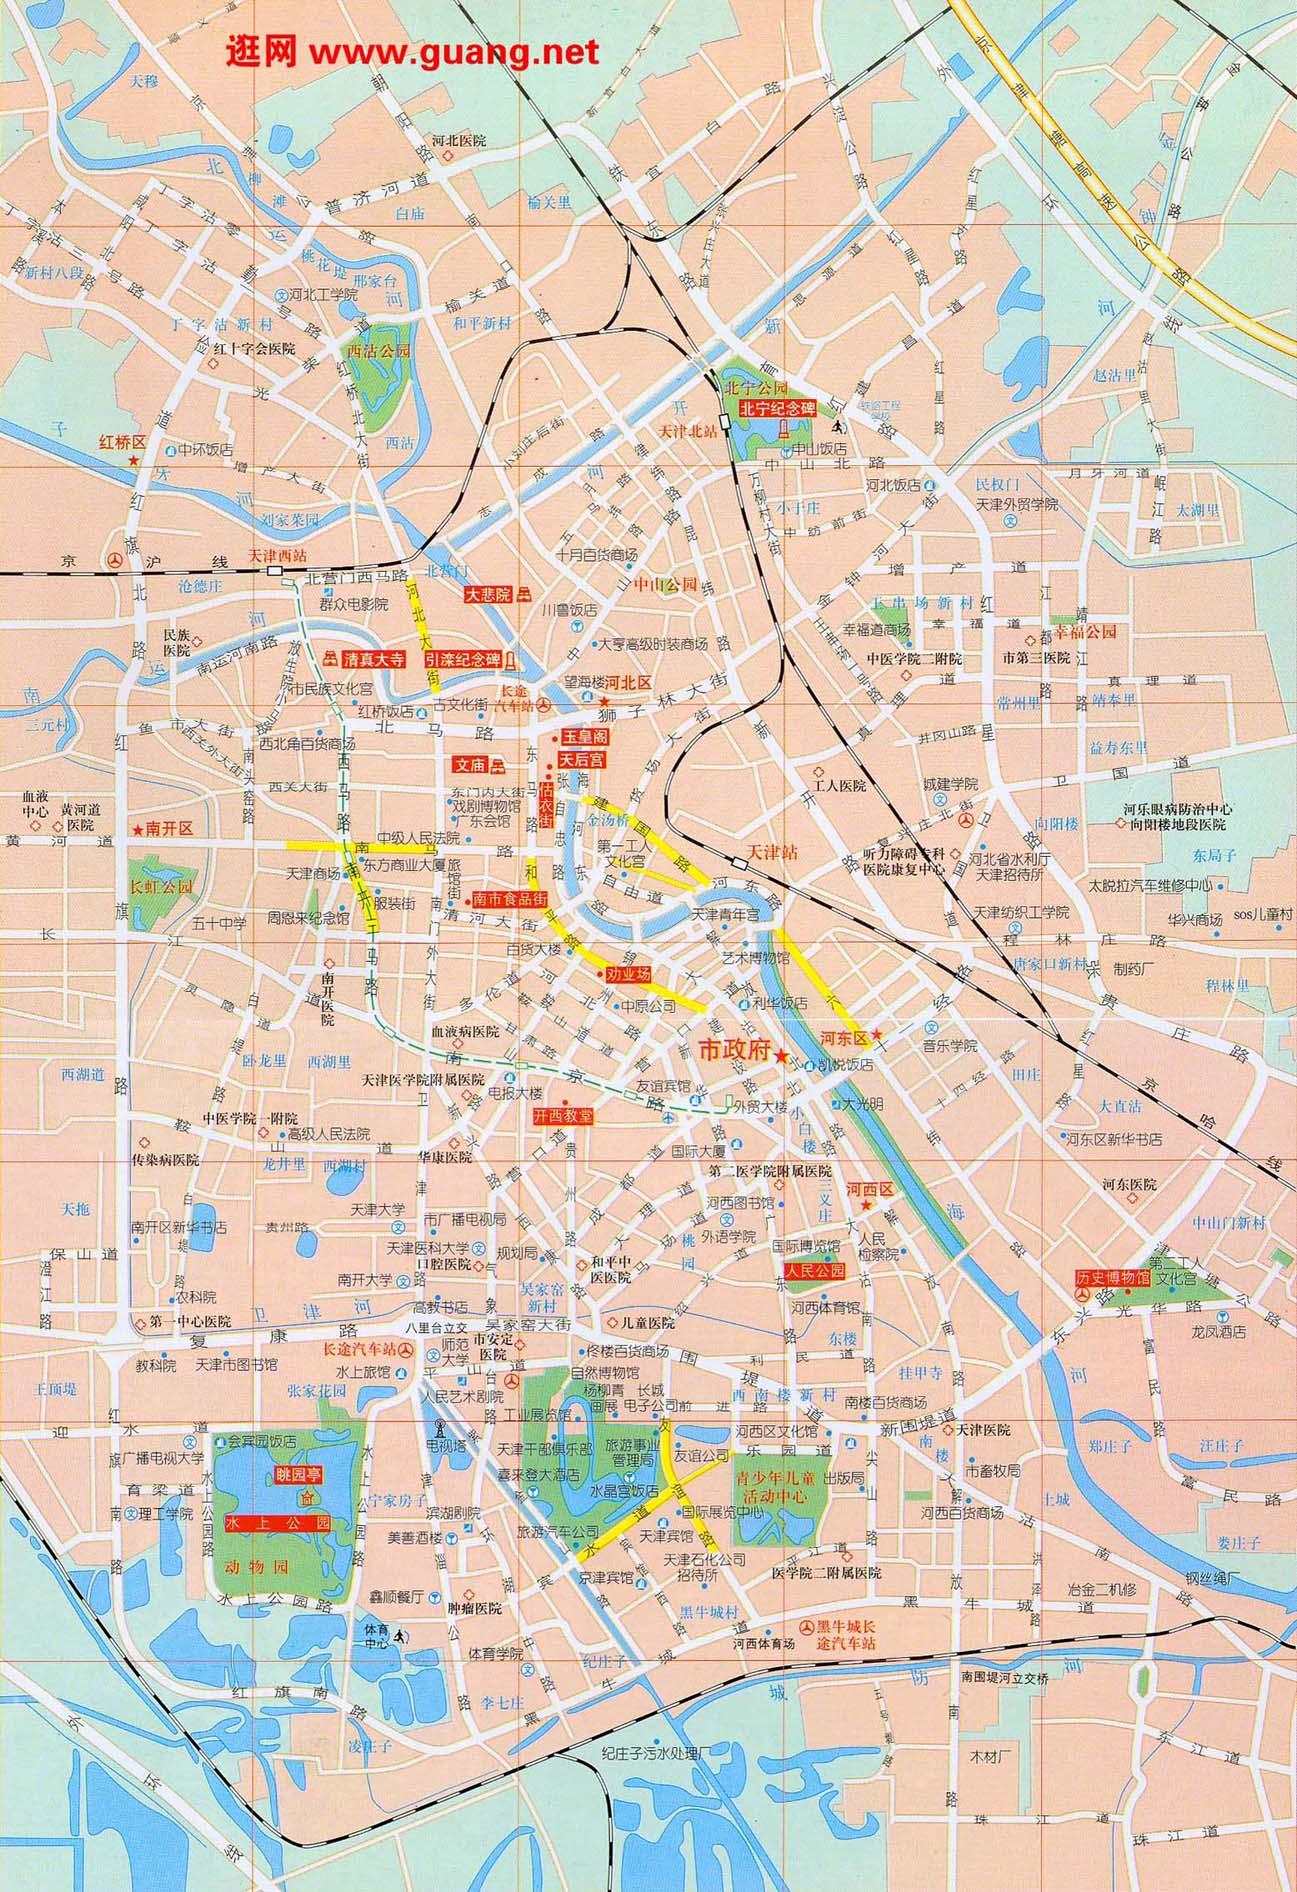 2015年版天津市区地图